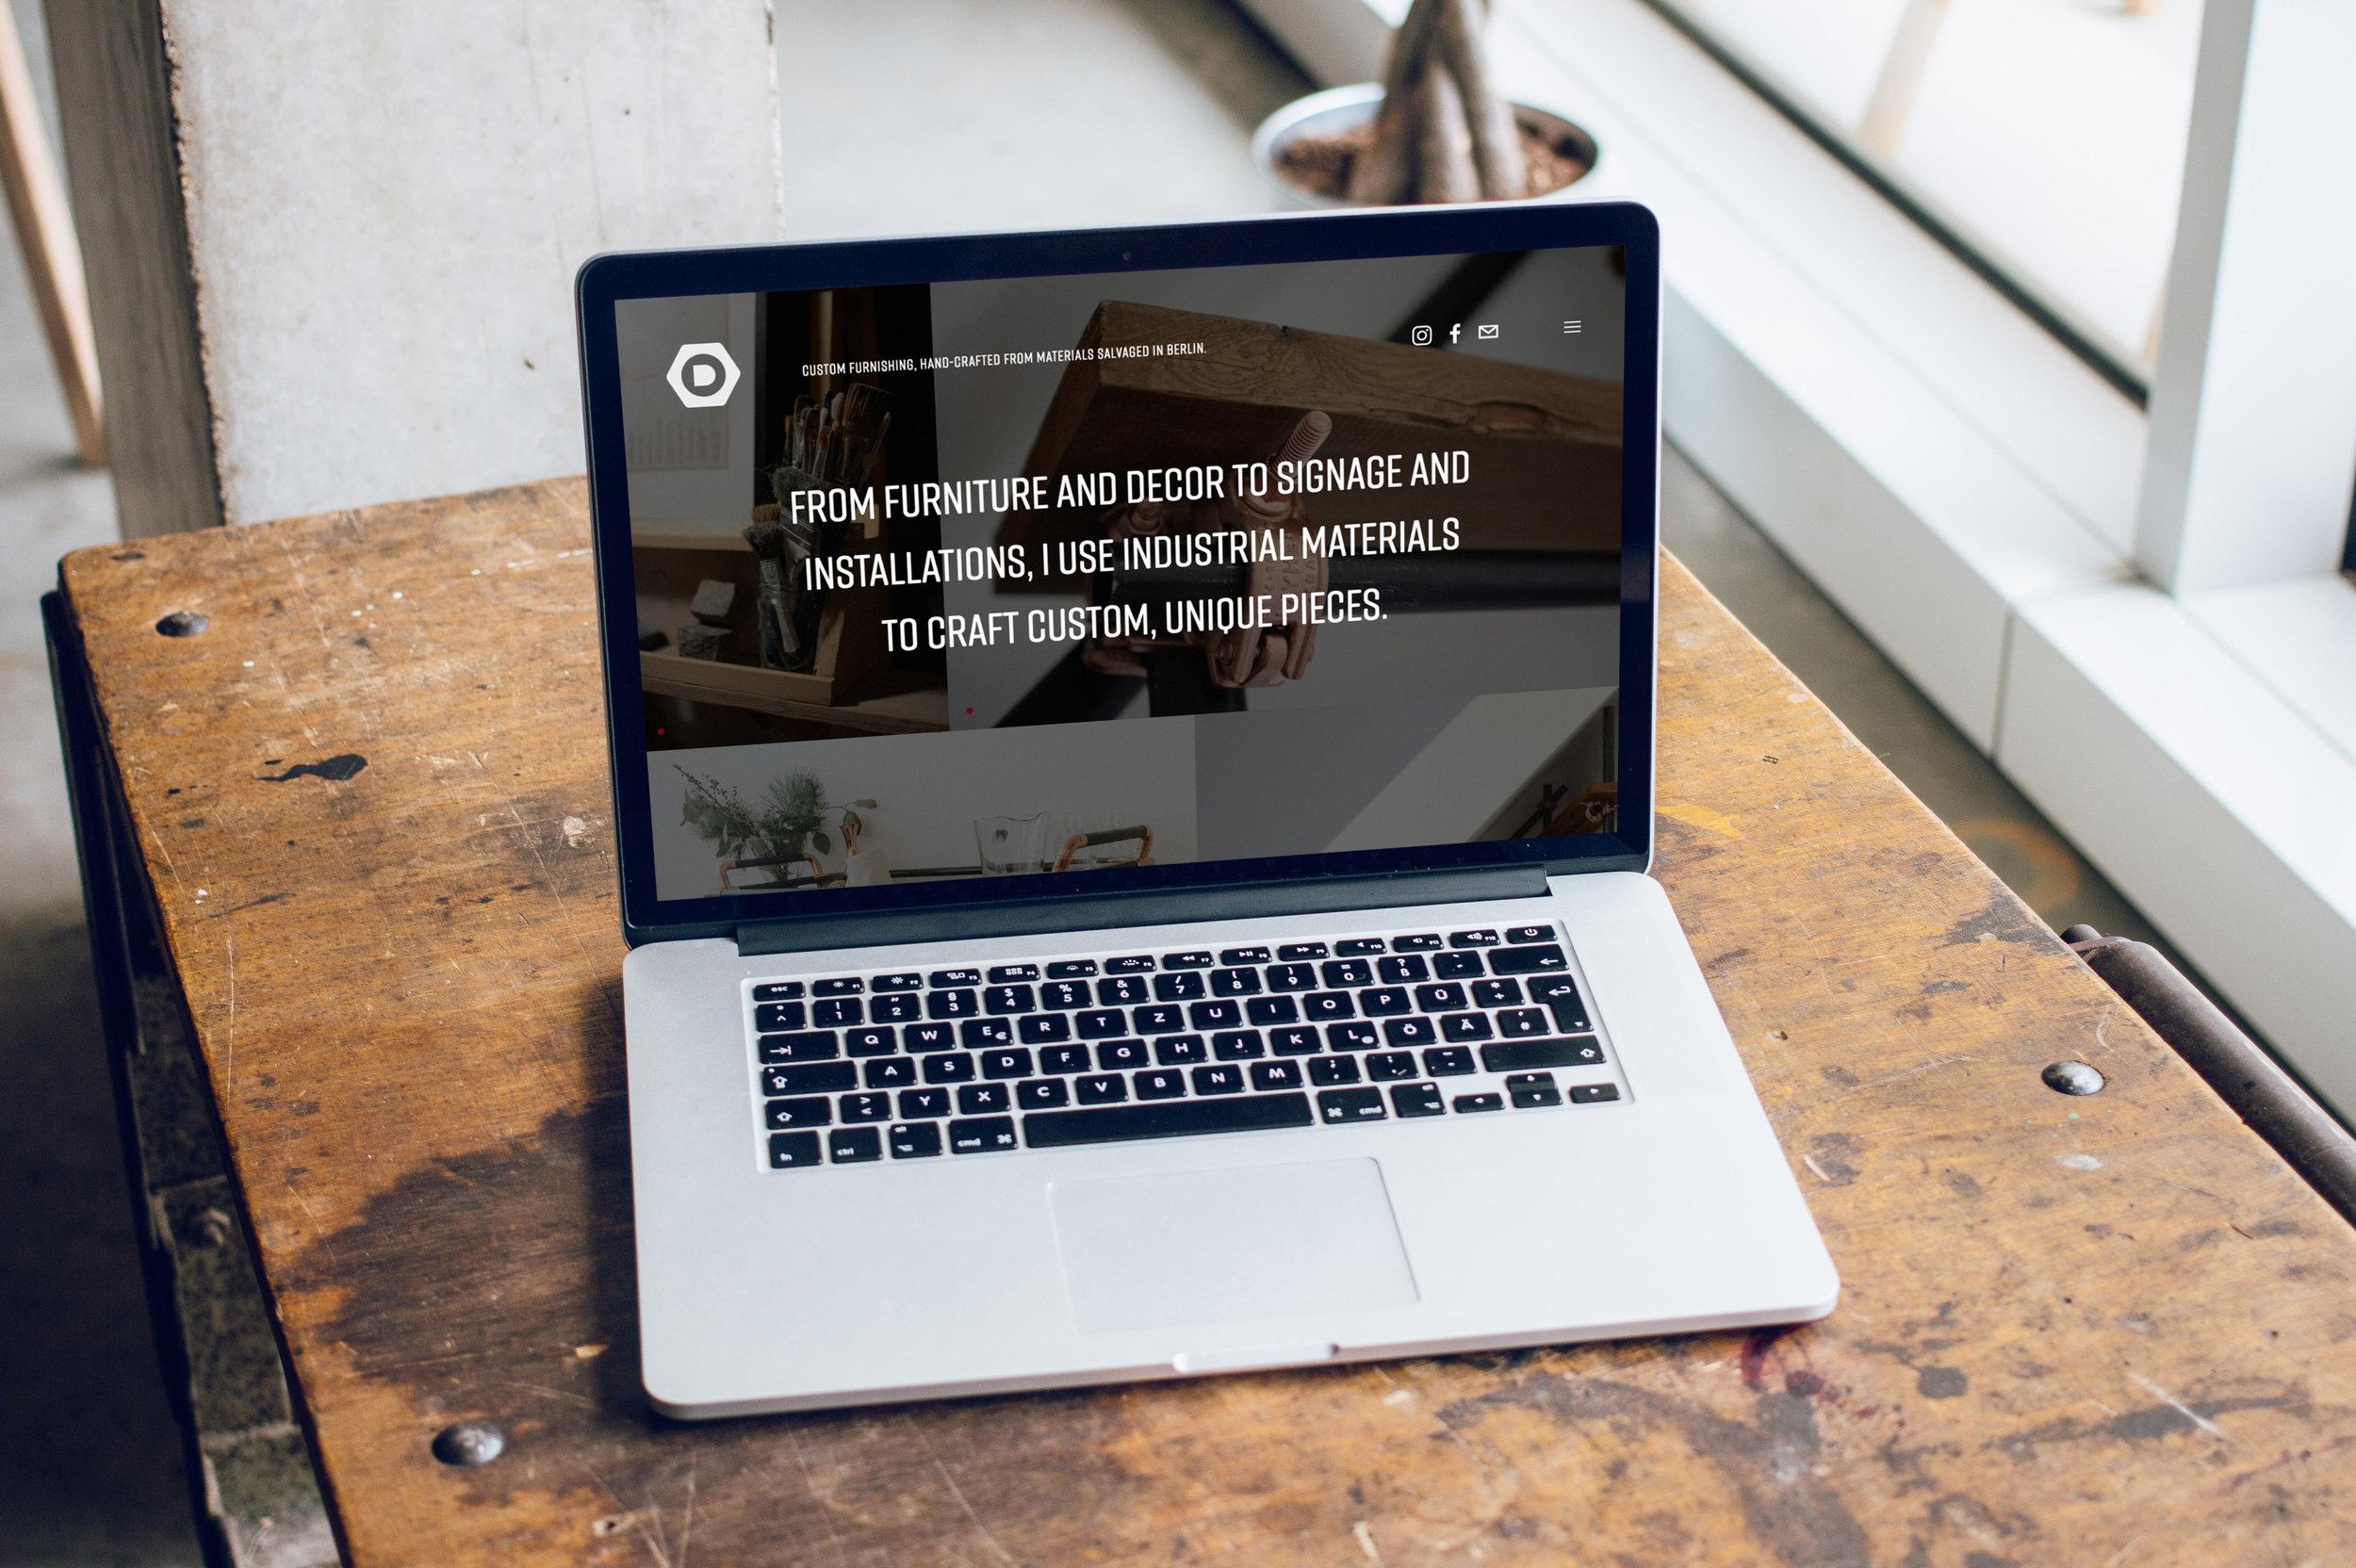 DANKOMADEwebsiteondesk.jpg